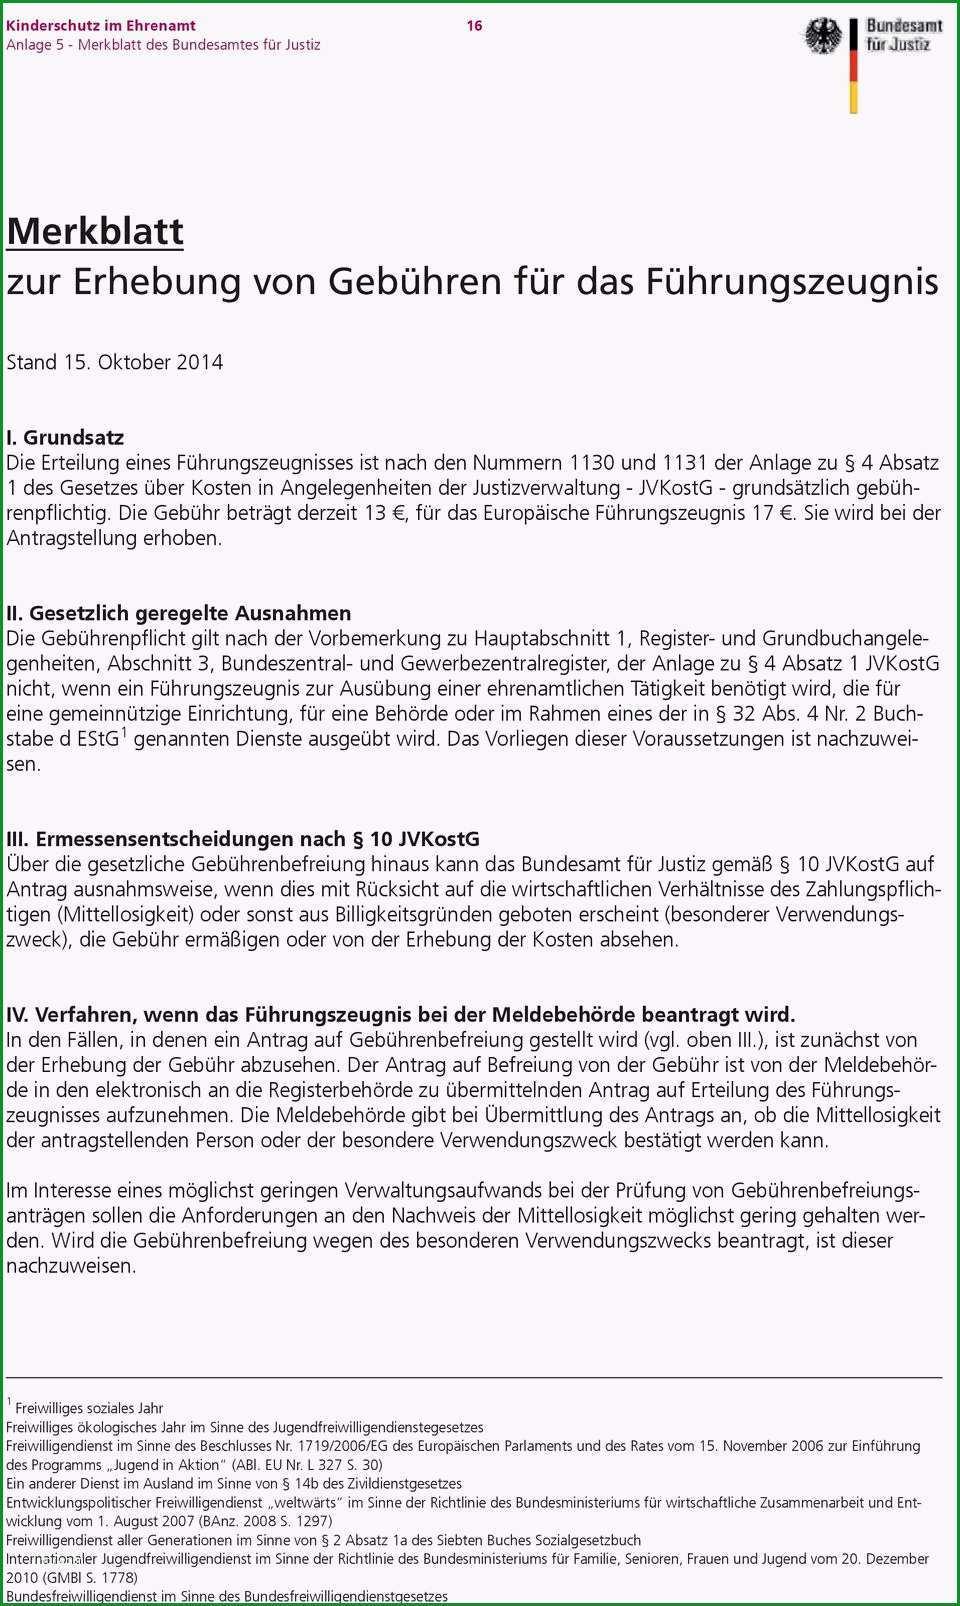 Kinderschutz im ehrenamt leitfaden fuer vereine und verbaende zur vorlage erweiterter fuehrungszeugnisse heidelberg de